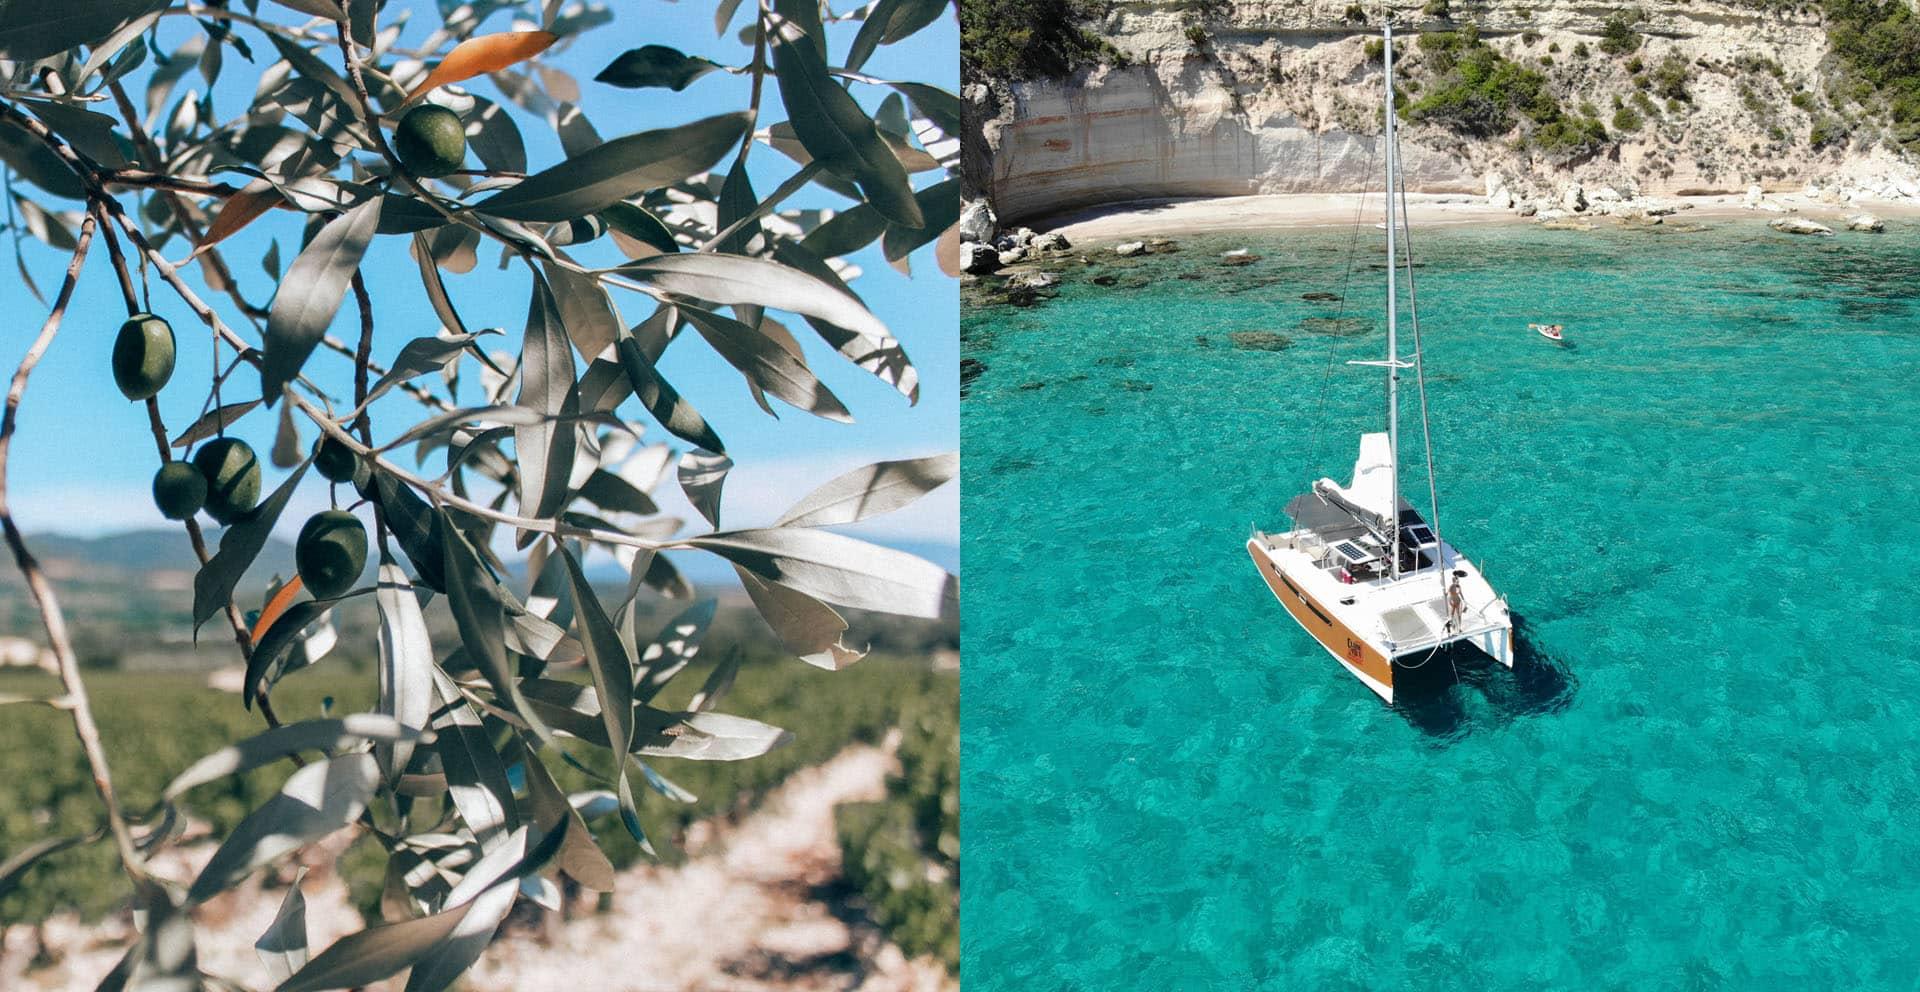 bibii - Corse du sud : Mes conseils, choses à voir, adresses...